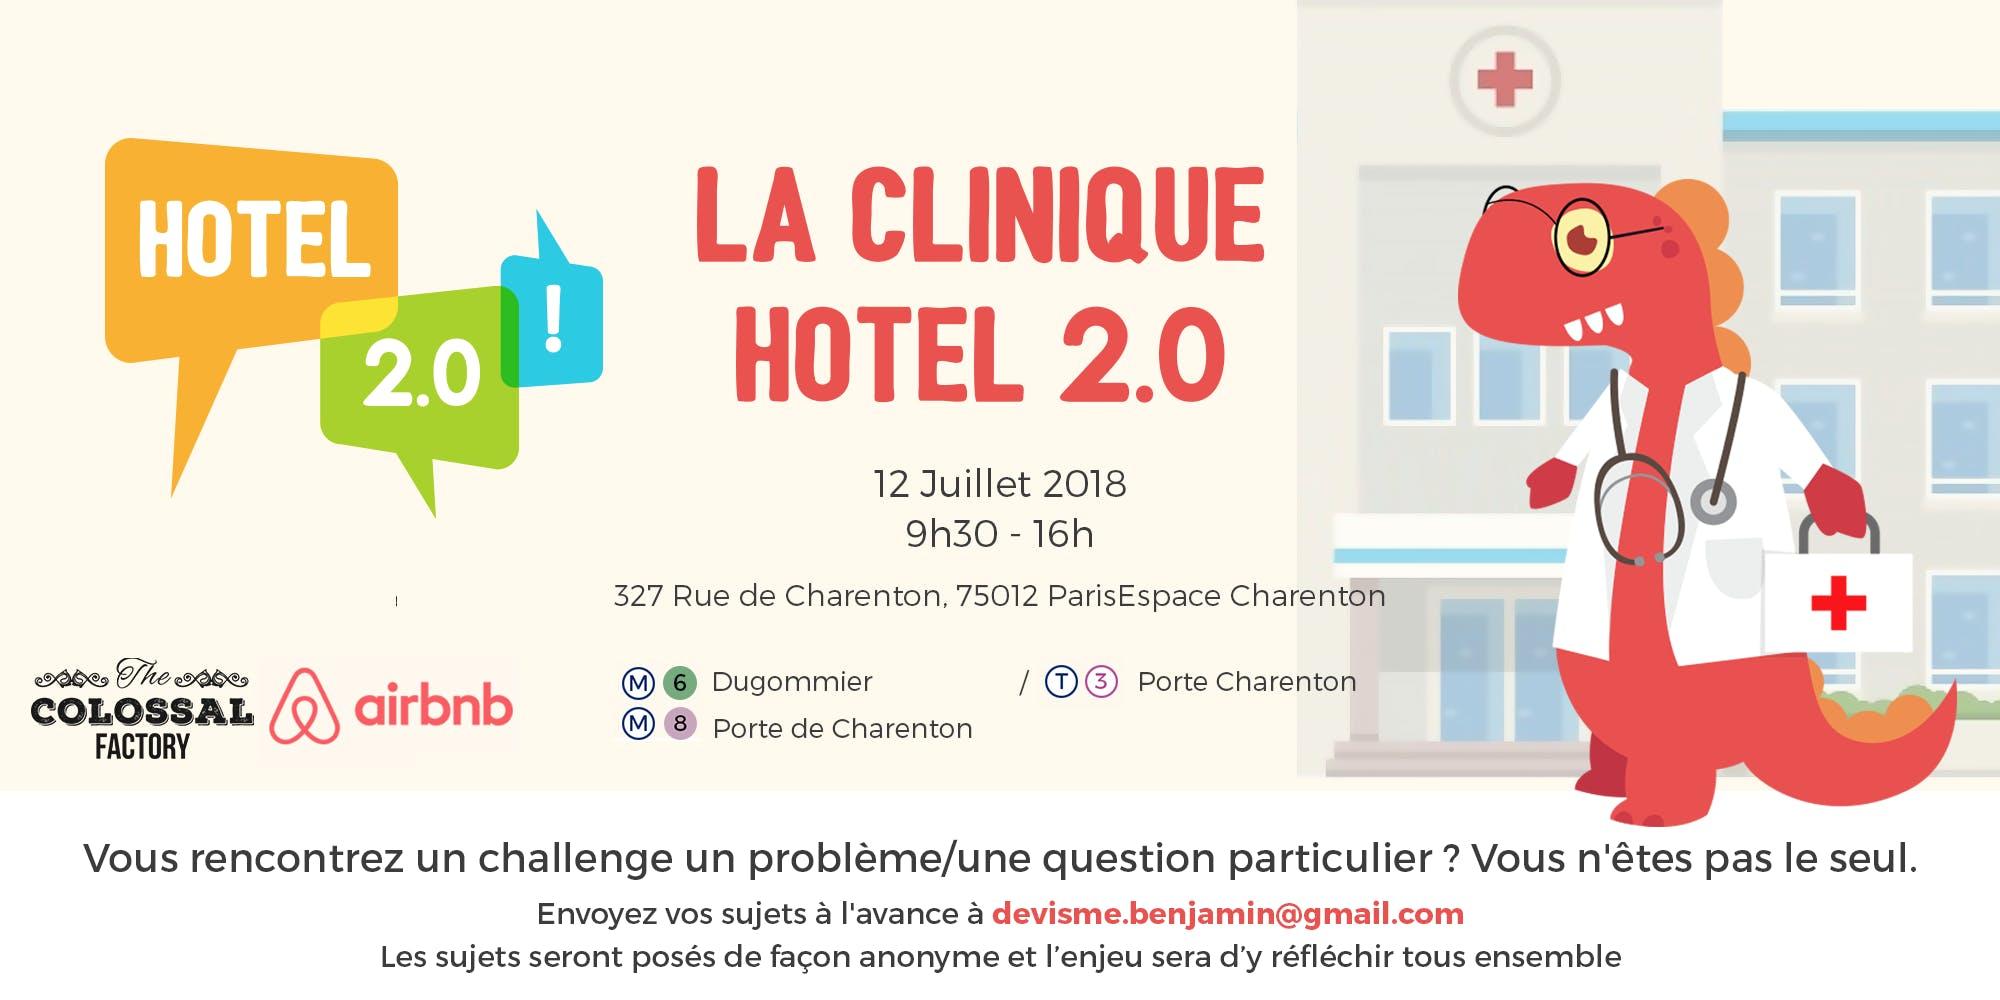 Clinique HOTEL 2.0